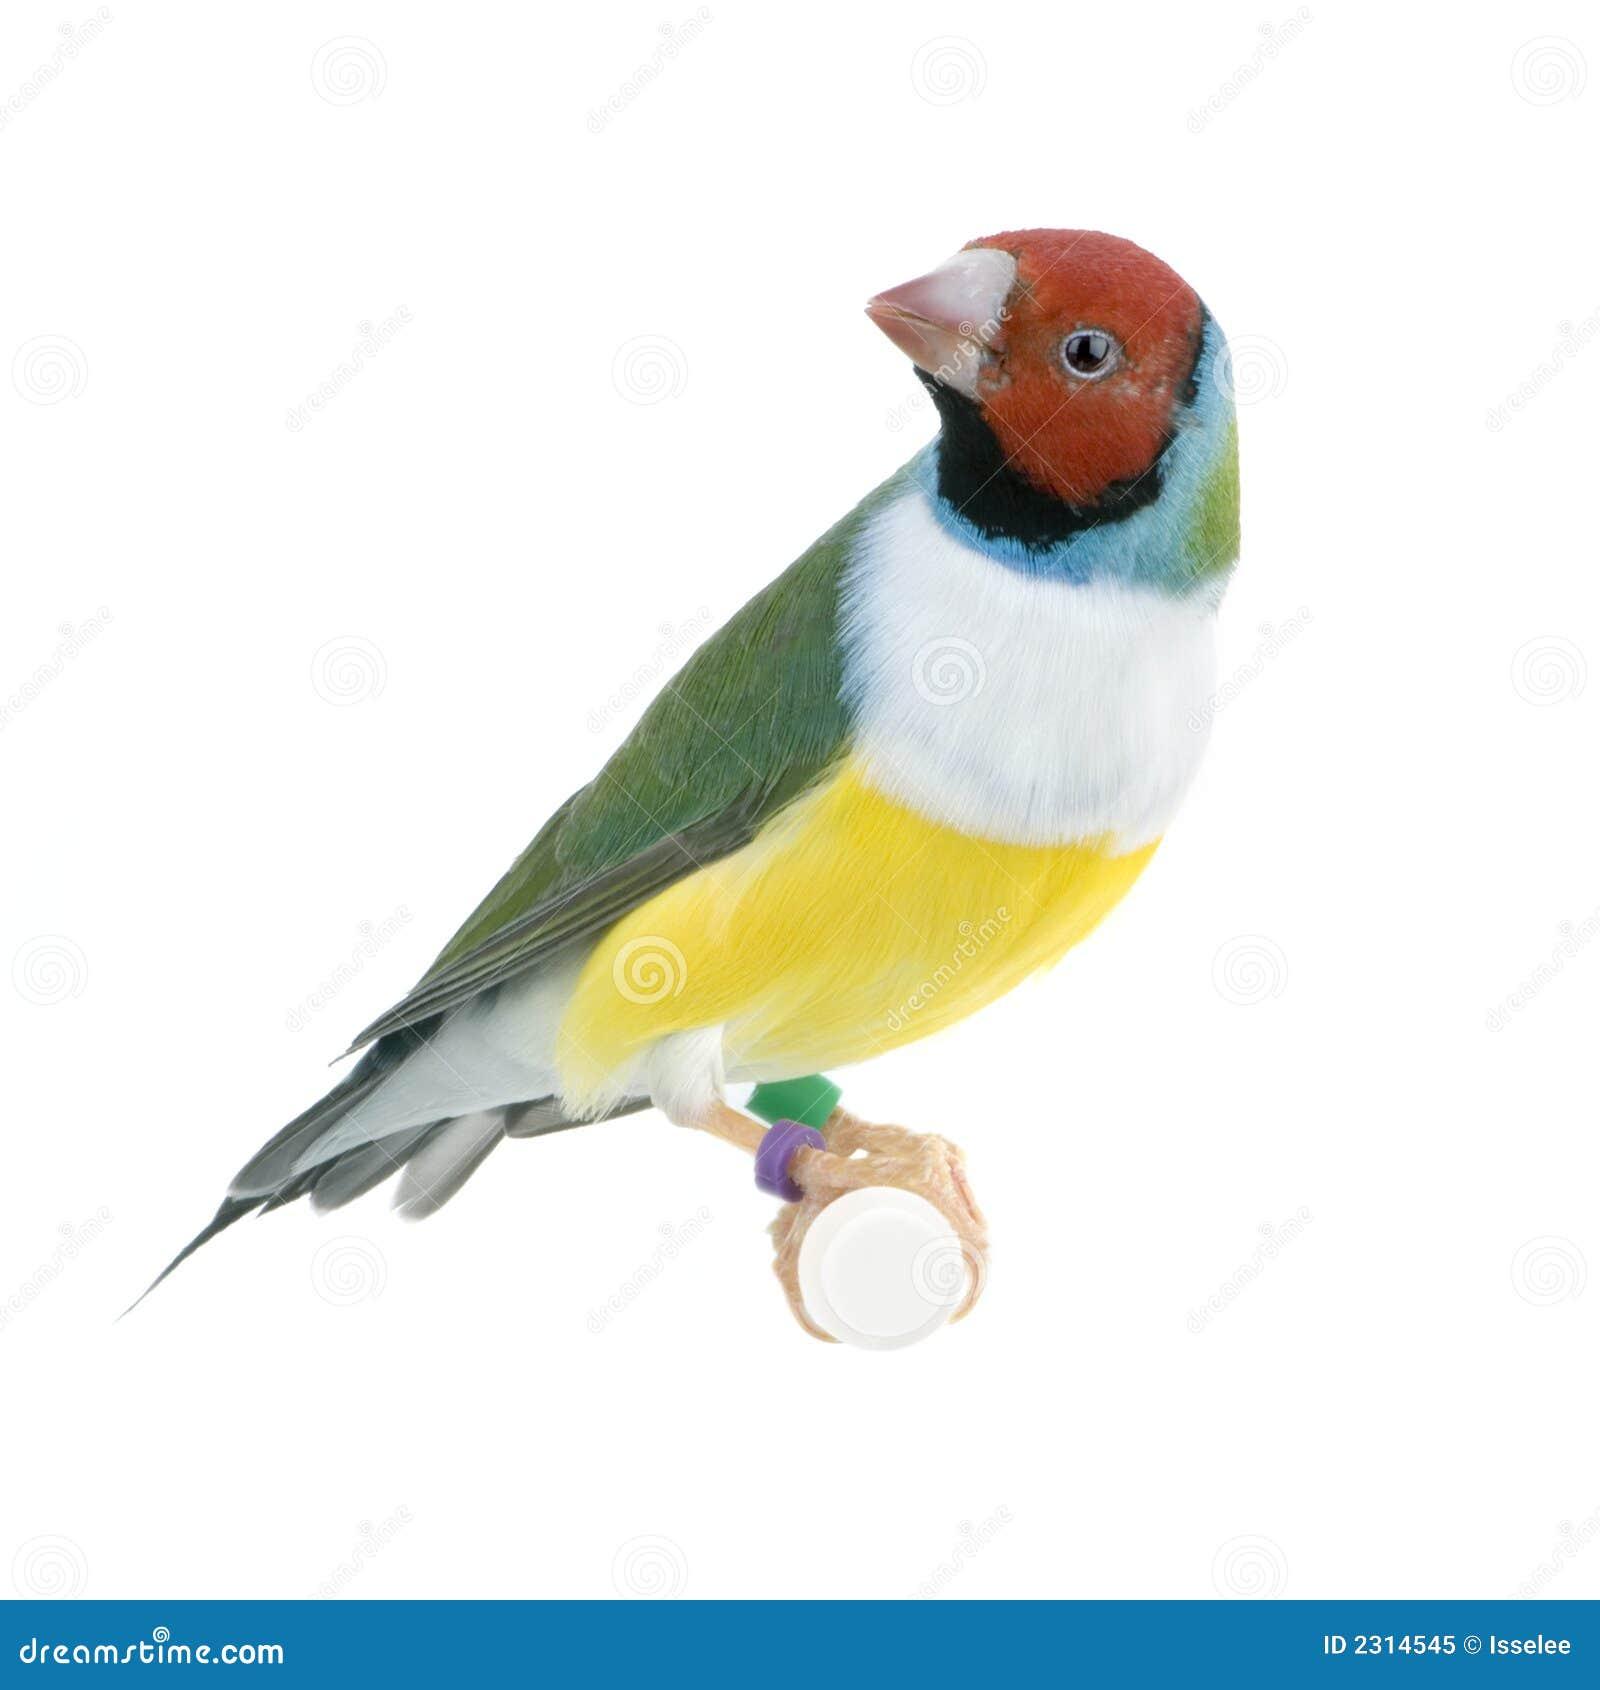 Finch gouldian